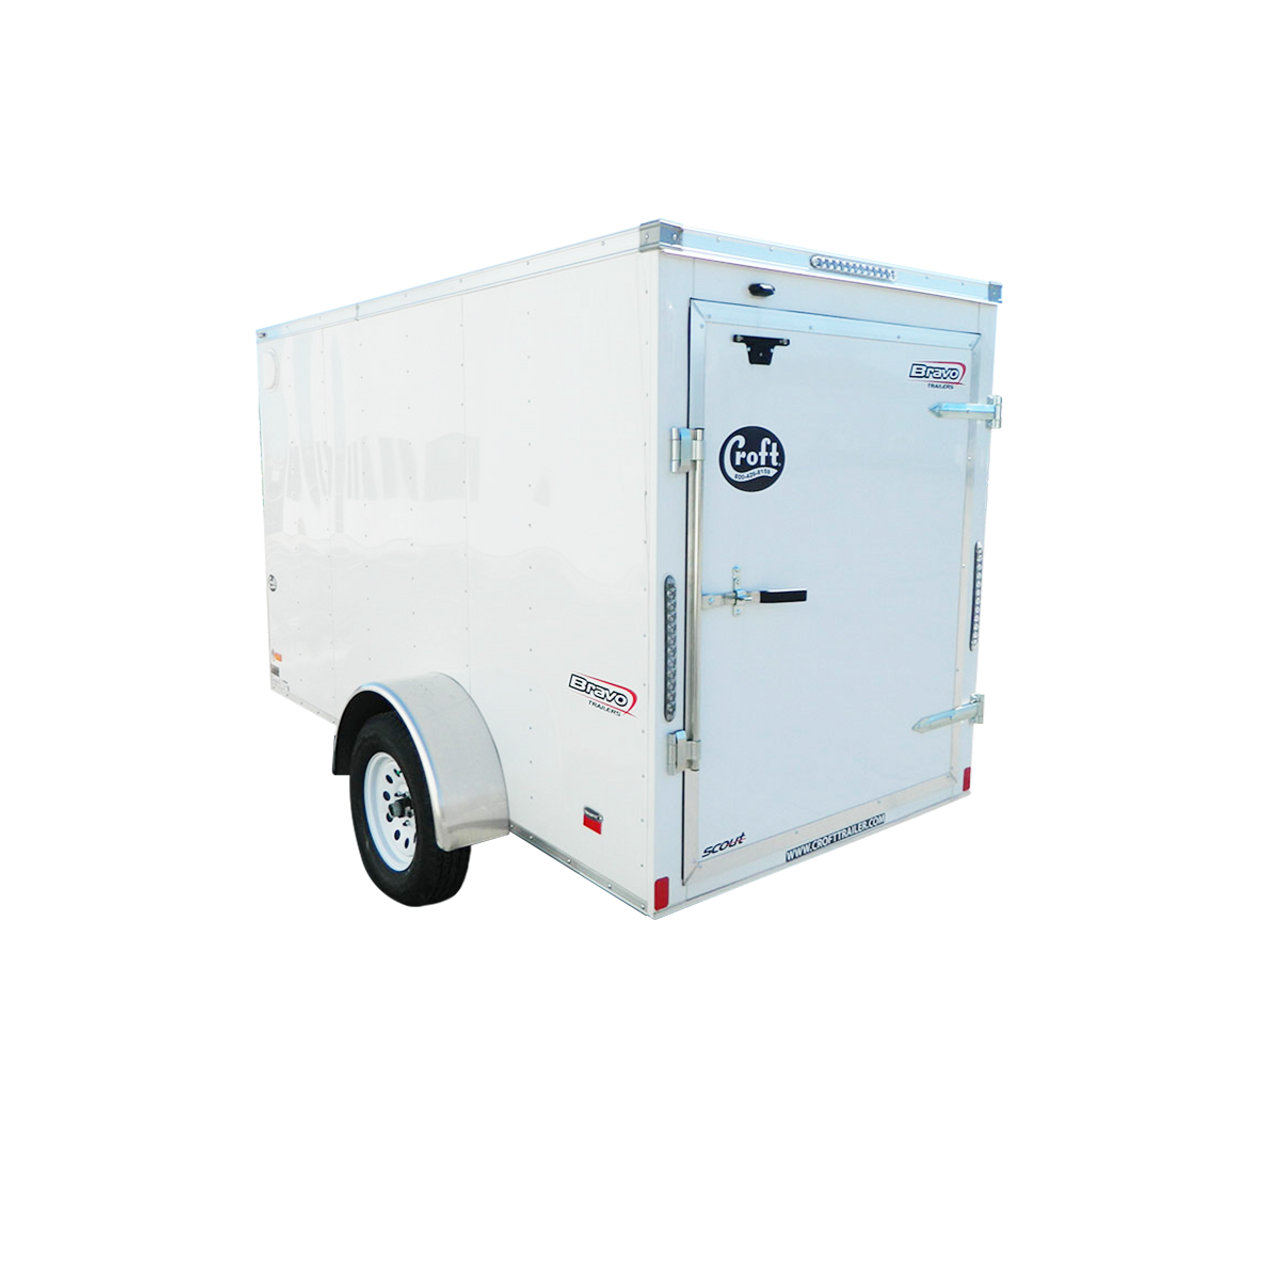 SC510SA --- 5' X 10' Enclosed Trailer with Single Rear Door - Bravo